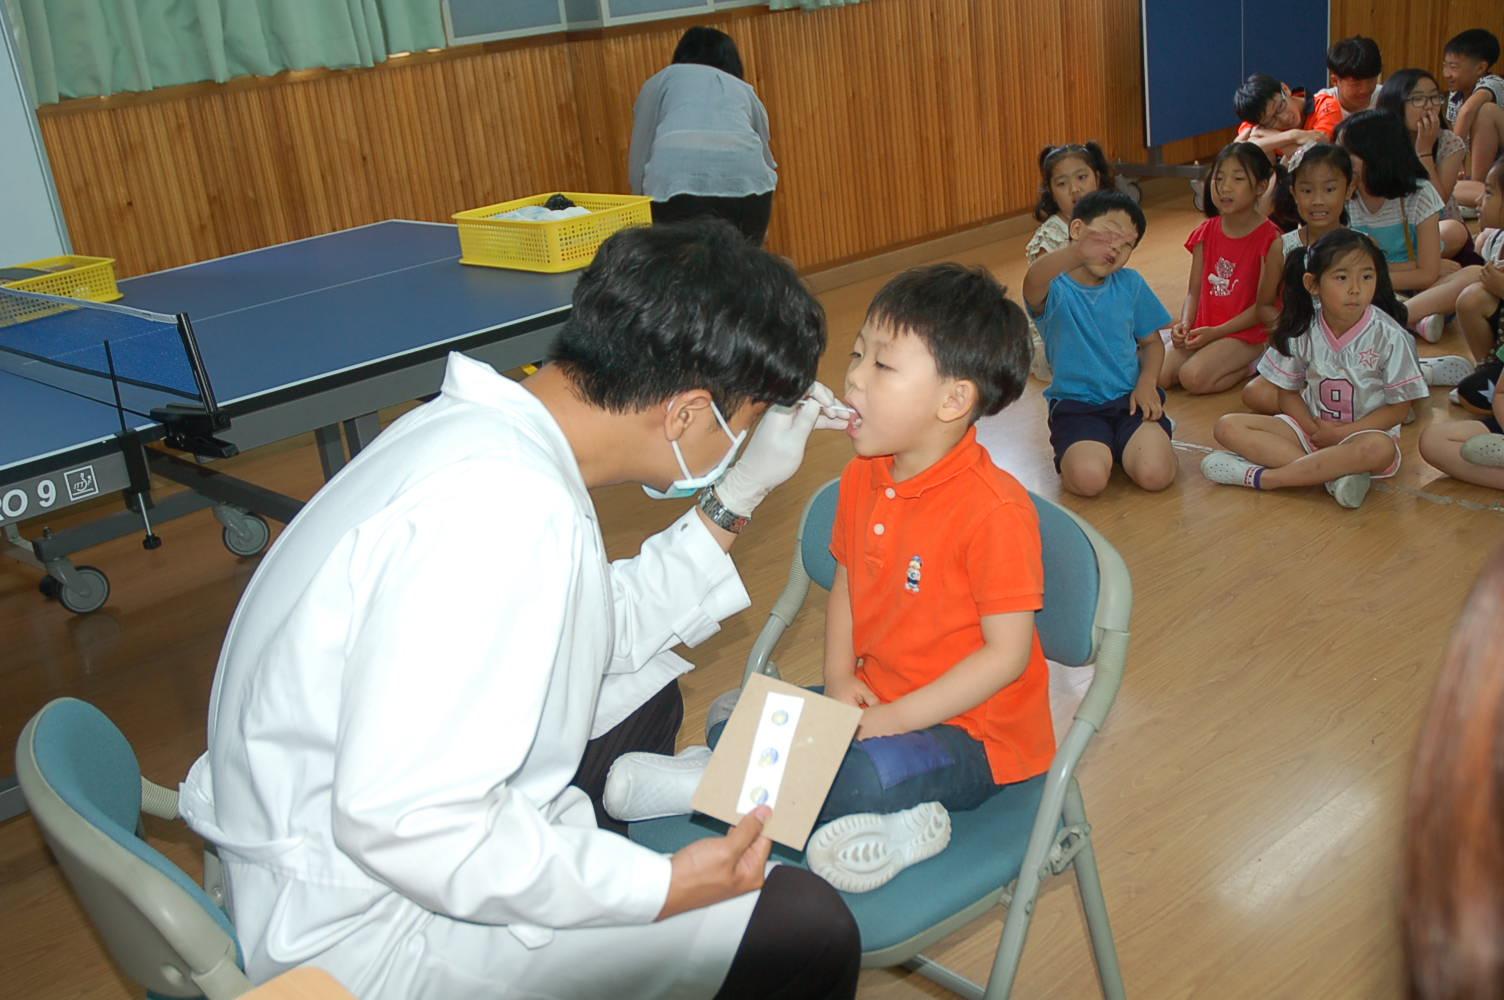 [일반] 불소이온도포 및 구강 위생관리 교육 실시의 첨부이미지 3